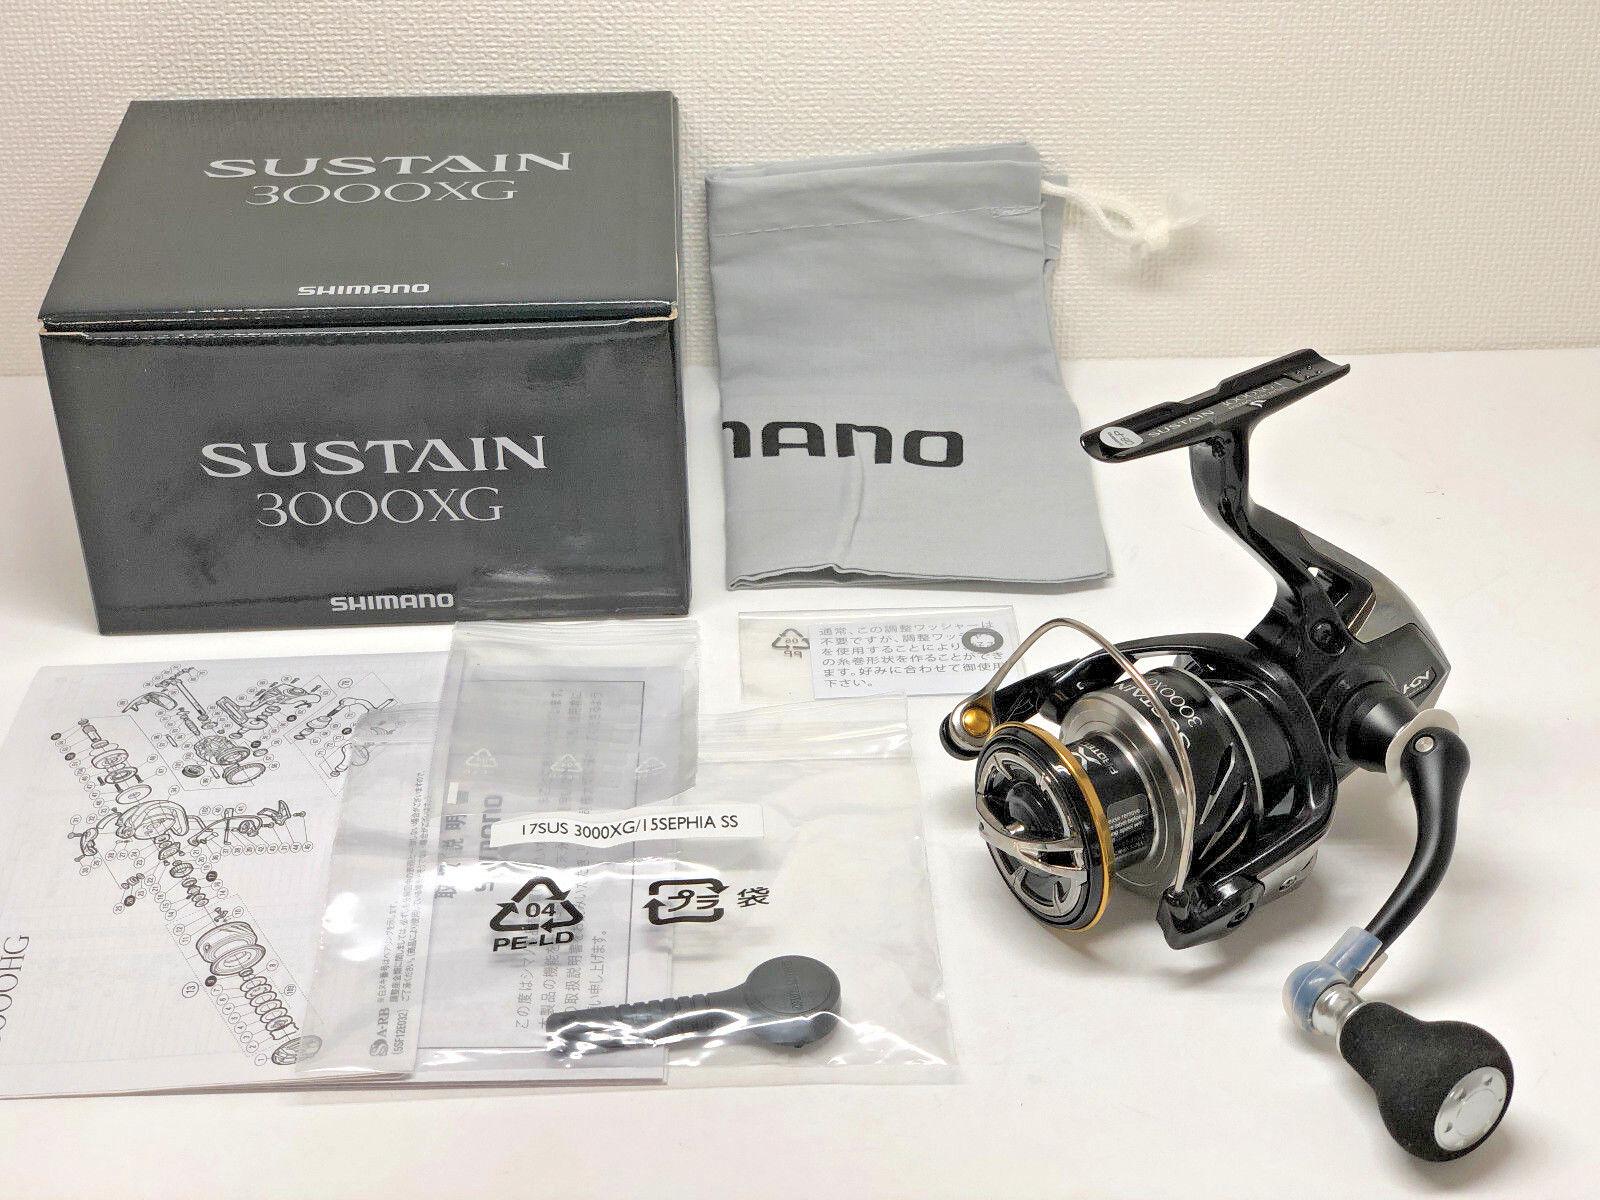 Shimano 17 sustain 3000xg spedizione dal Giappone